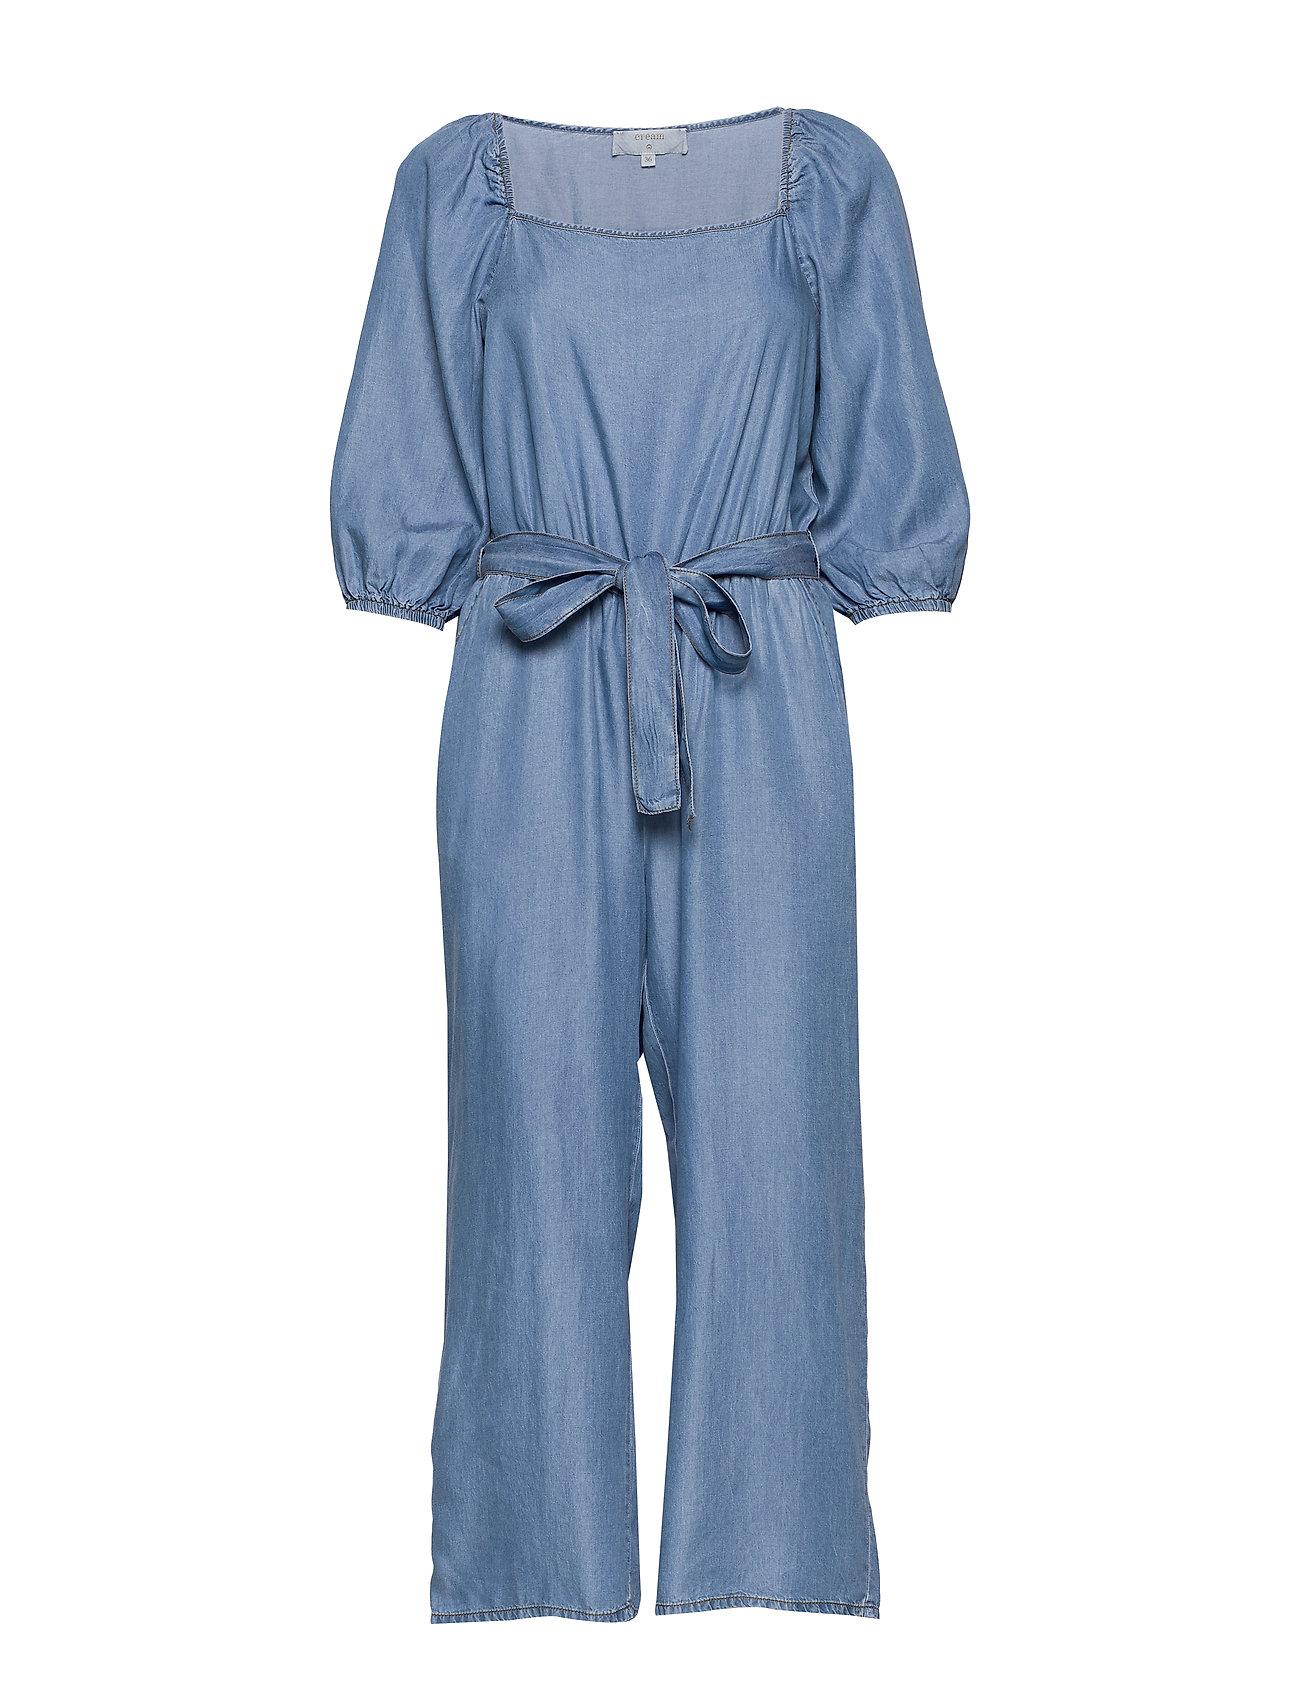 Cream VincaCR Jumpsuit - BLUE DENIM